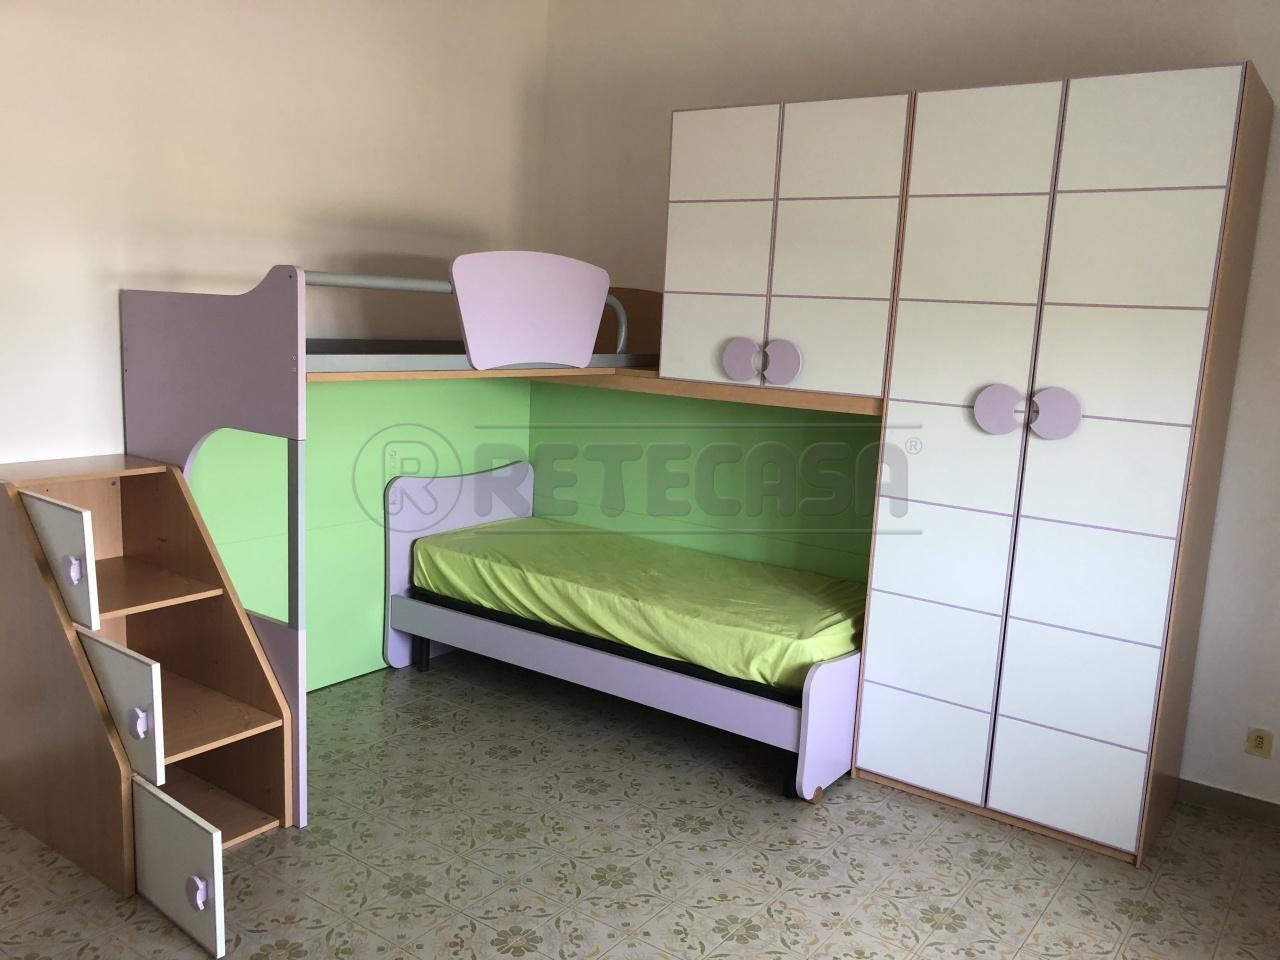 Appartamento 6 locali in affitto a Catanzaro (CZ)